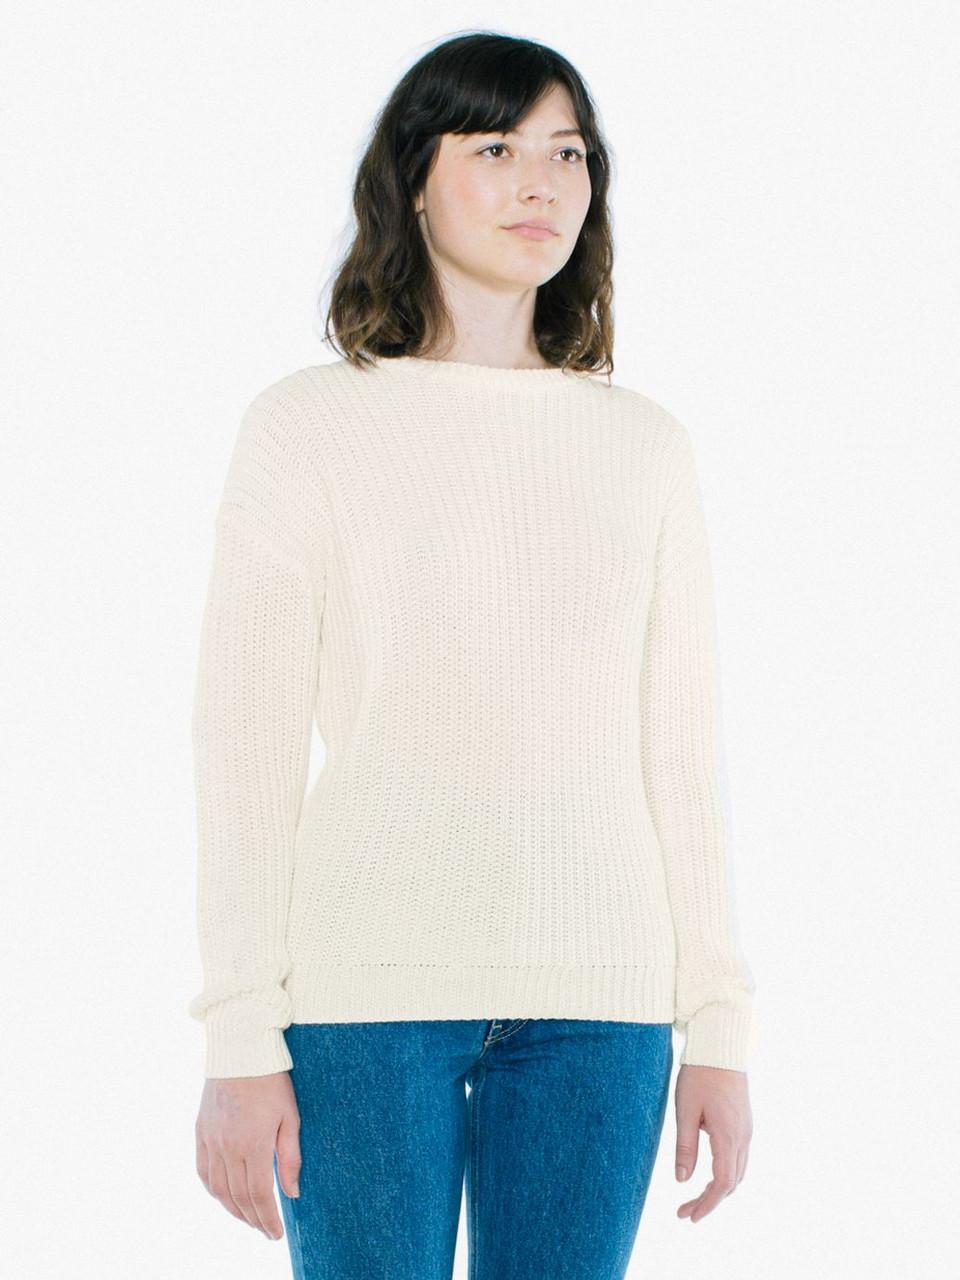 Unisex Ivory Sweatshirts Crewneck